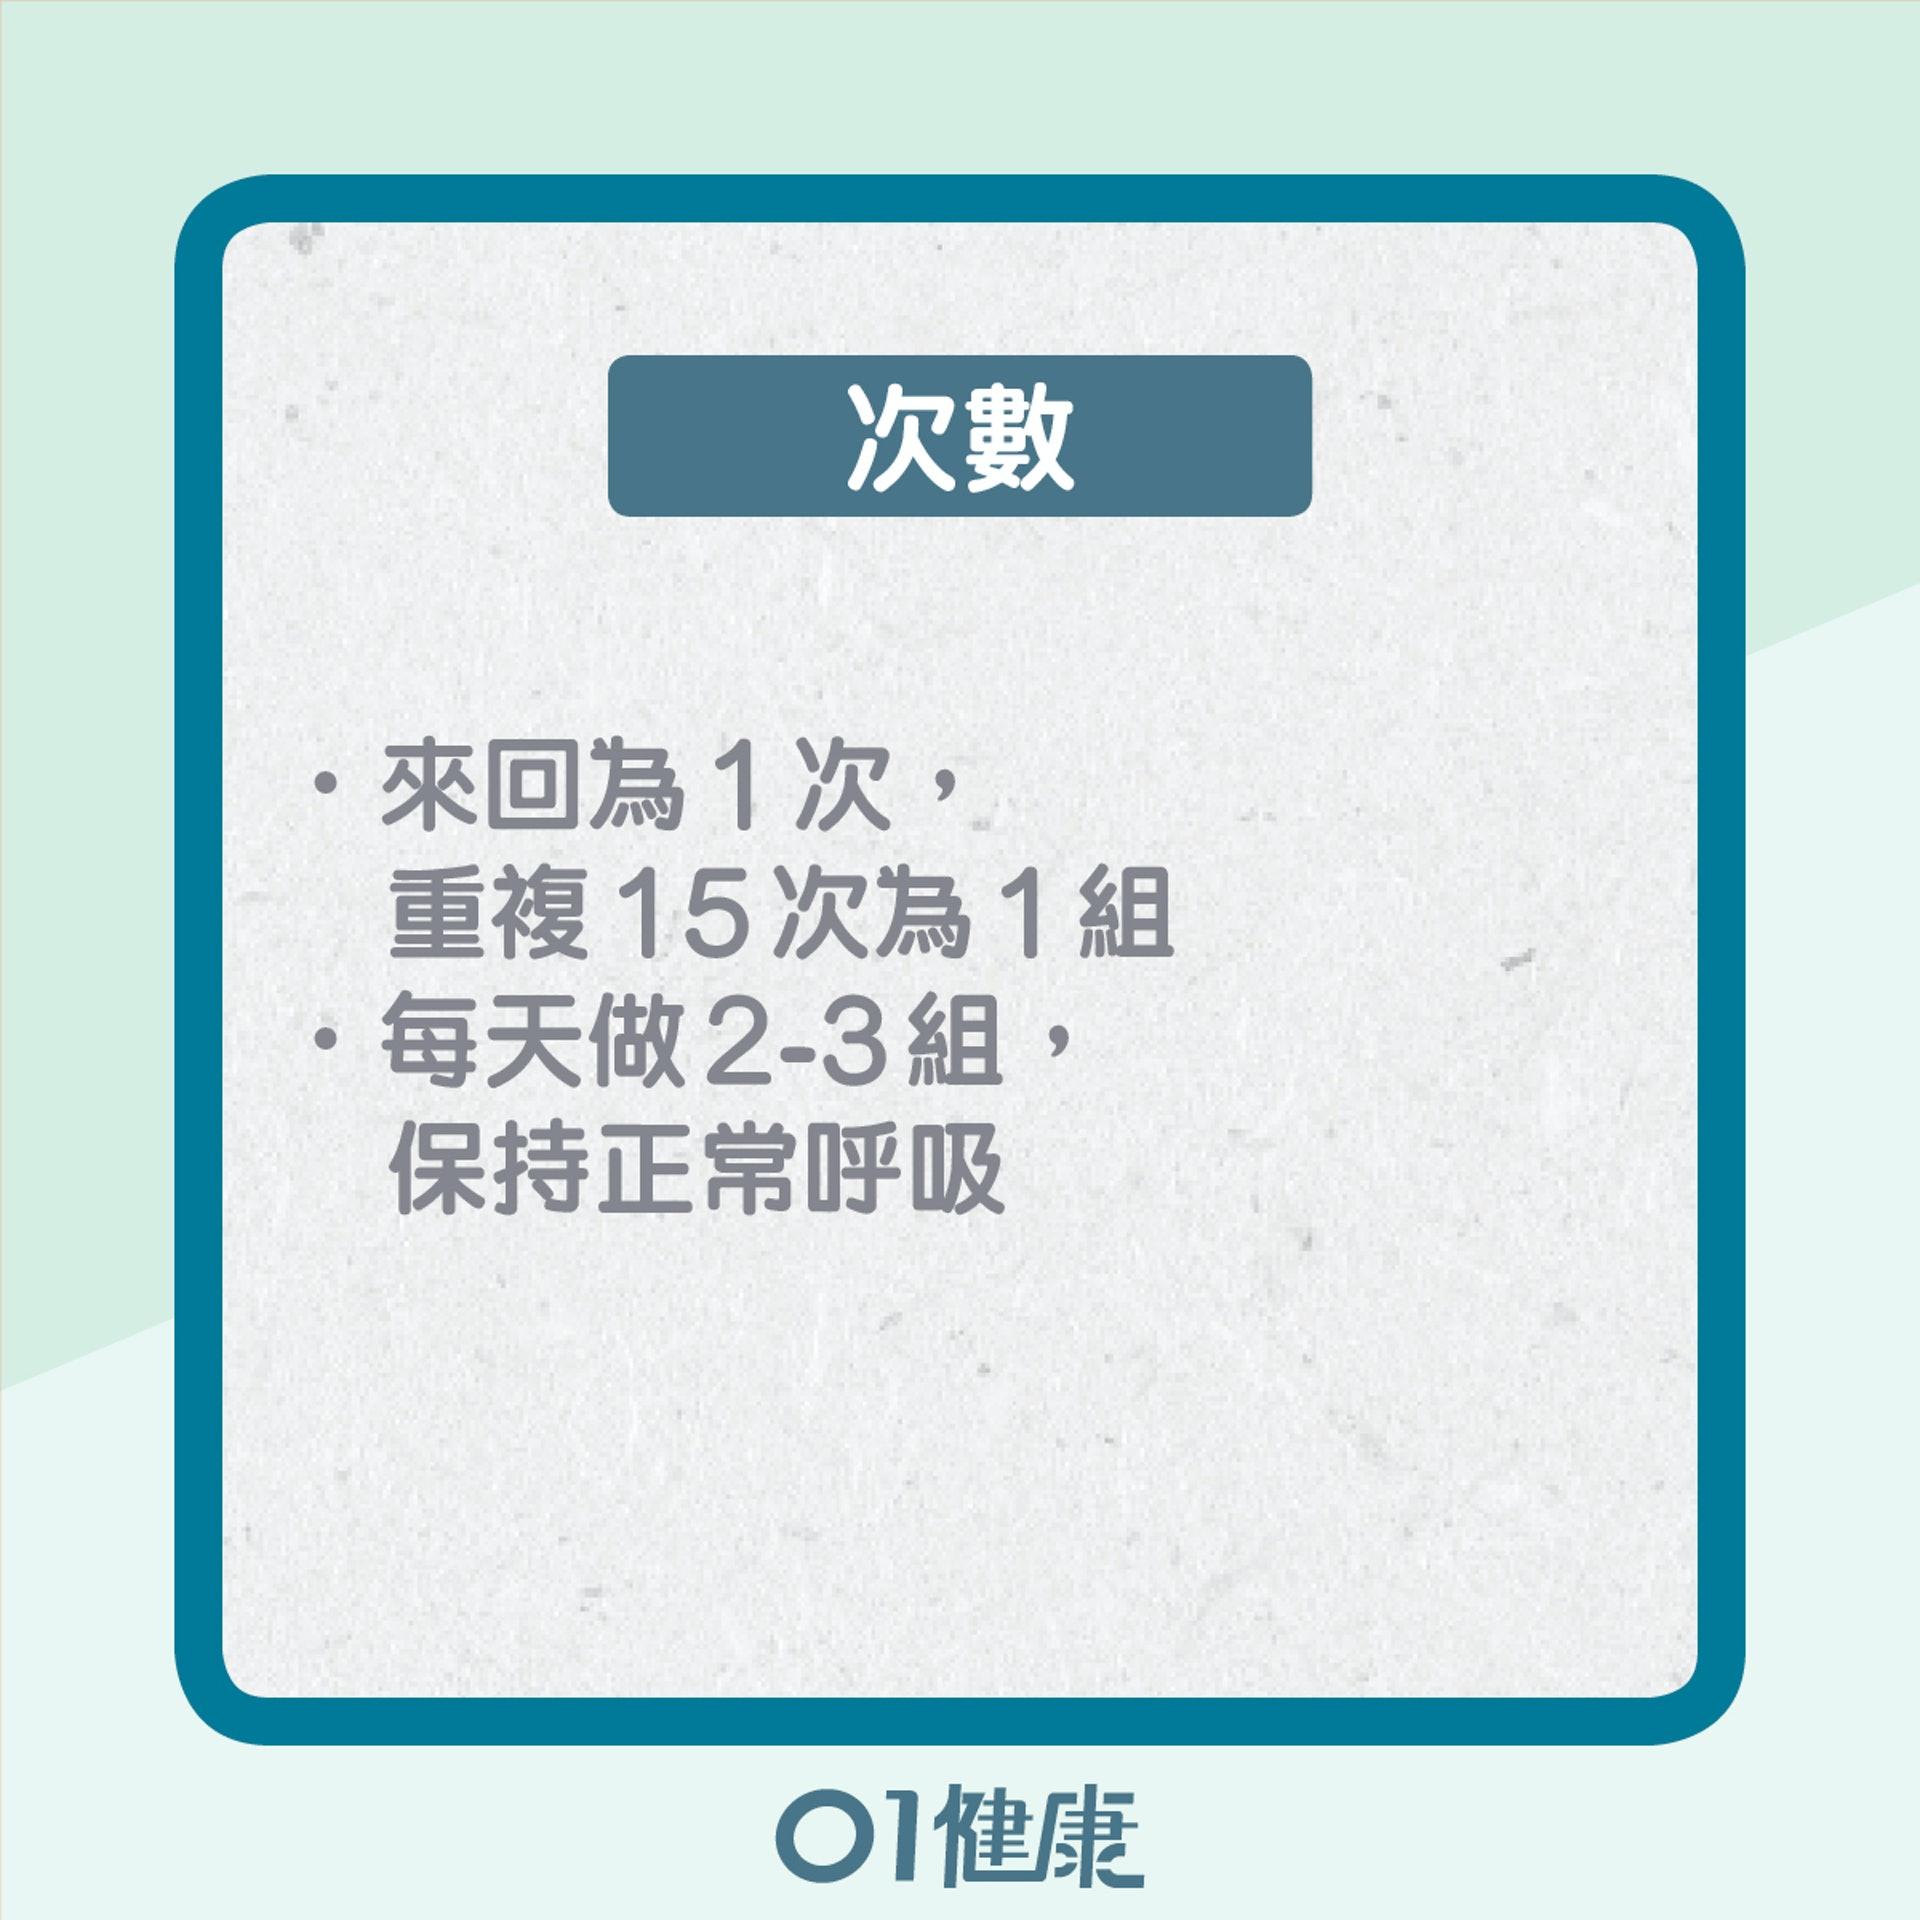 動作2(01製圖)